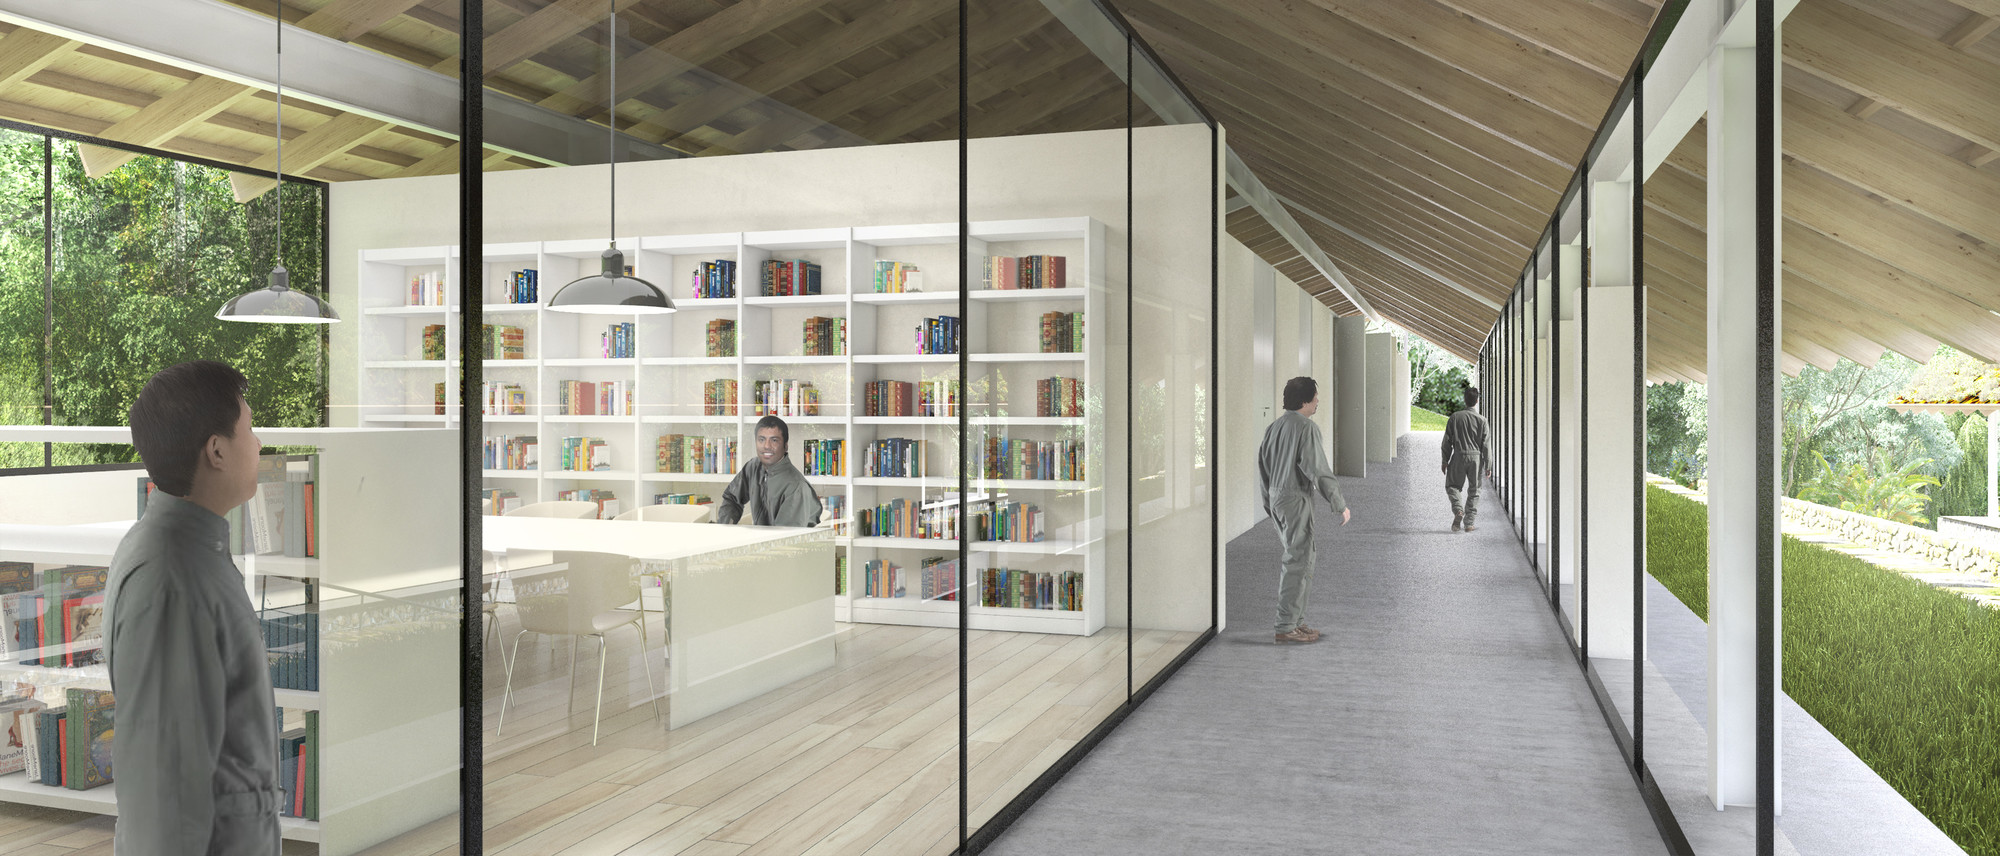 Centro de investigación. Image Courtesy of Canziani-Román-Bauer Arquitectos